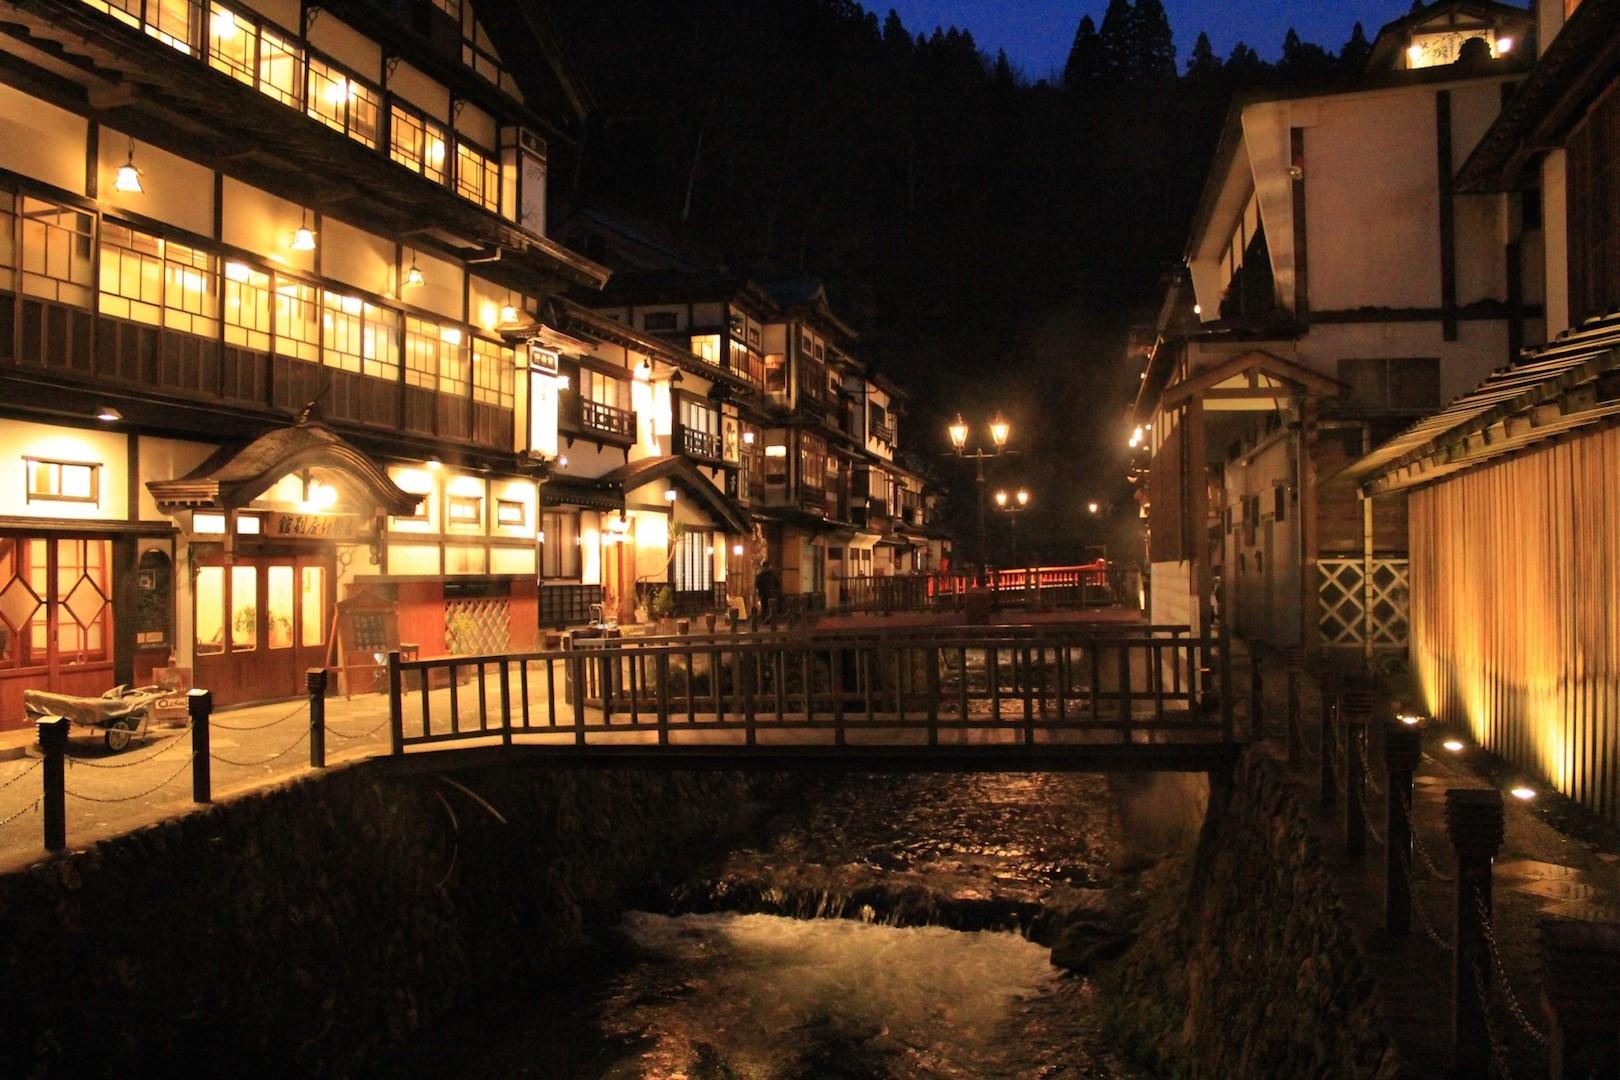 銀山温泉の楽しみ方は温泉巡りだけじゃない!大正ロマン漂う町歩きもおすすめ